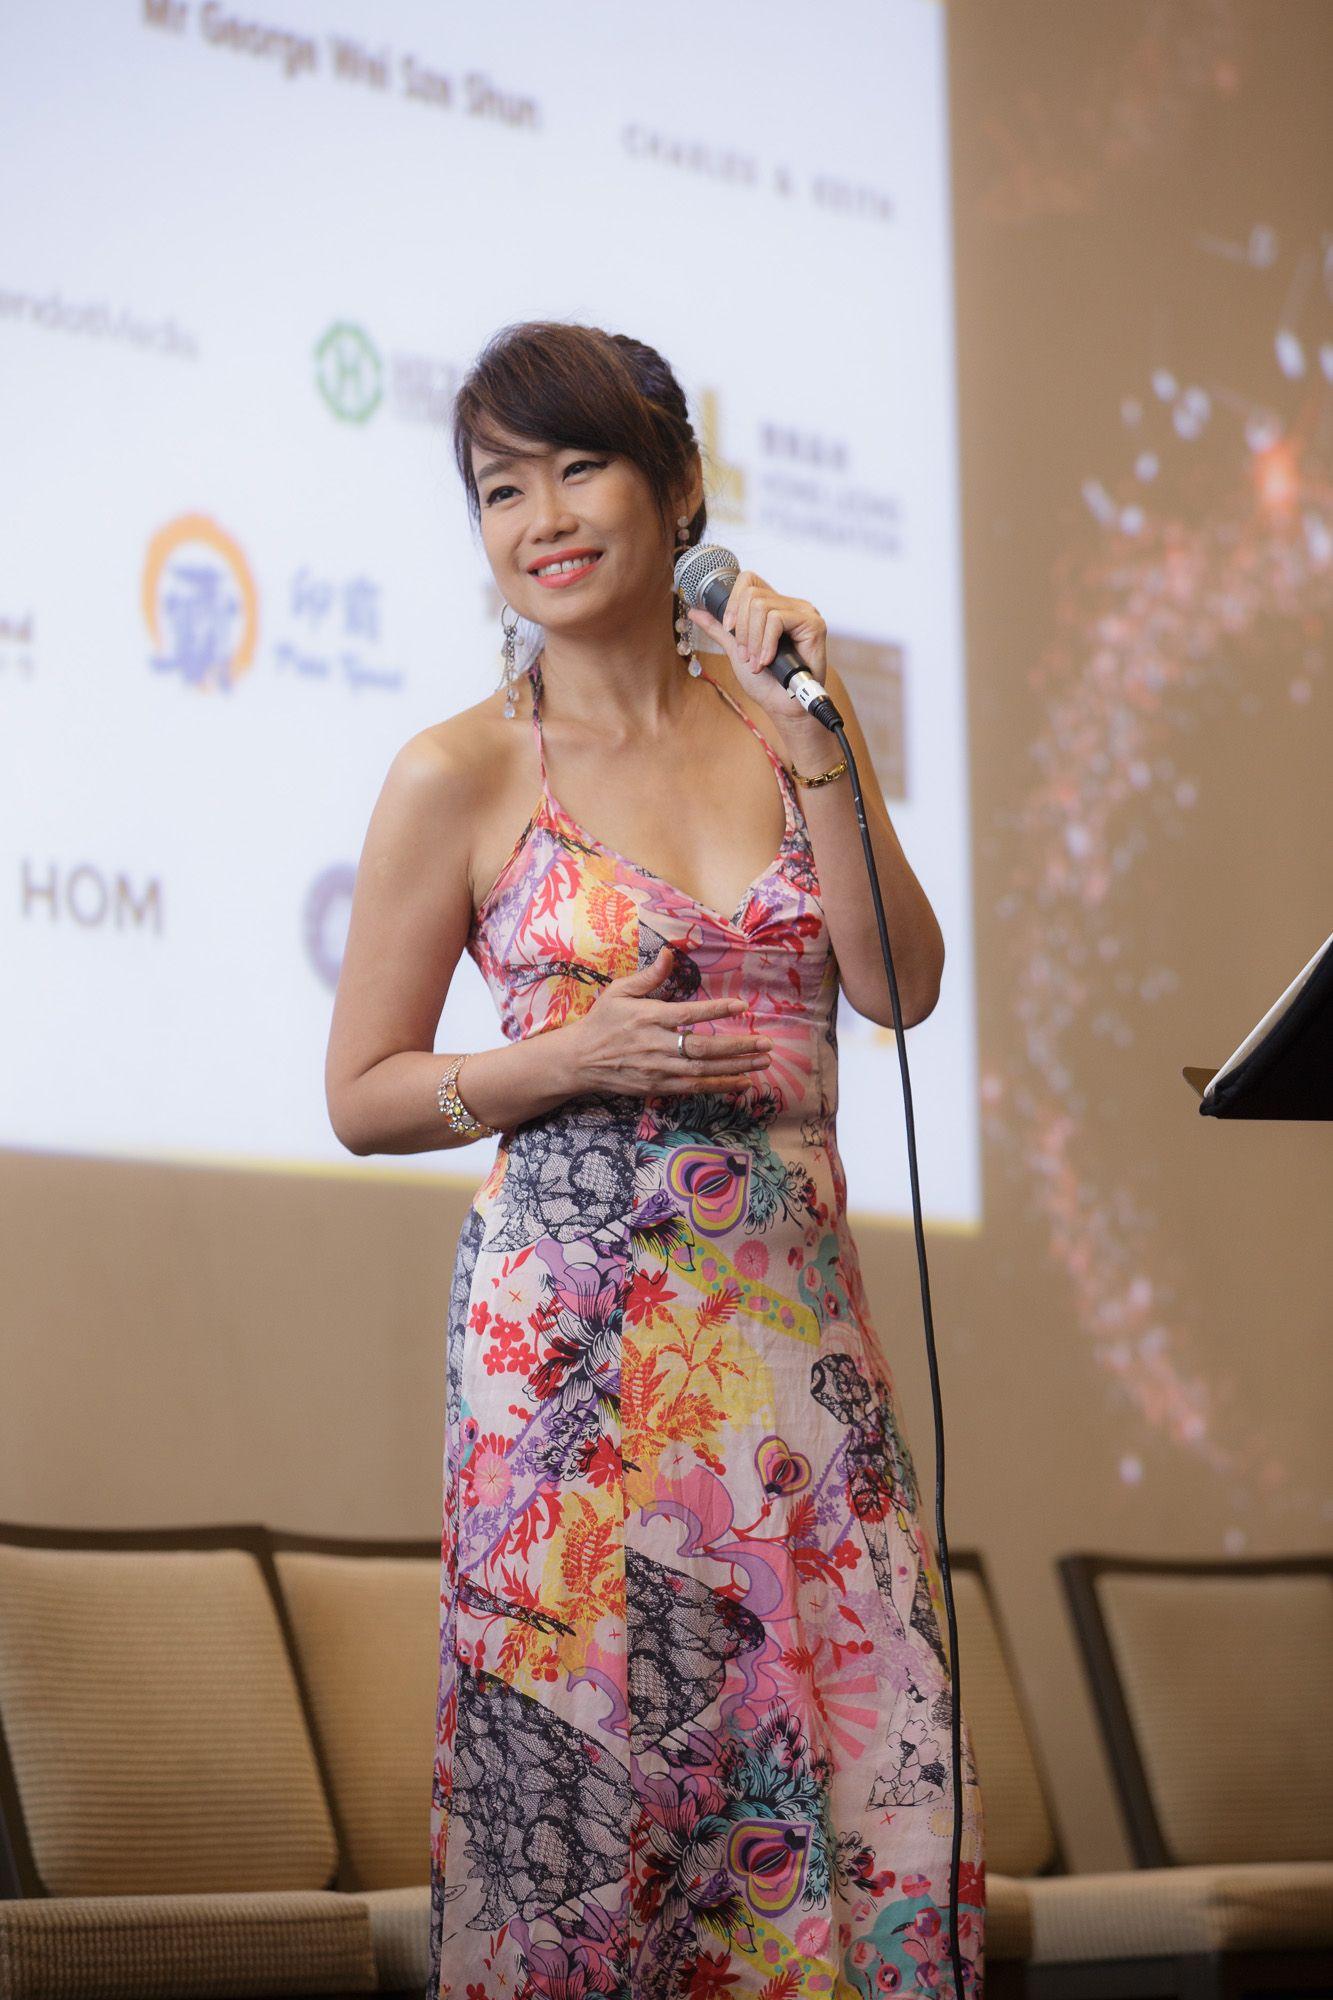 Alexandra Hsieh